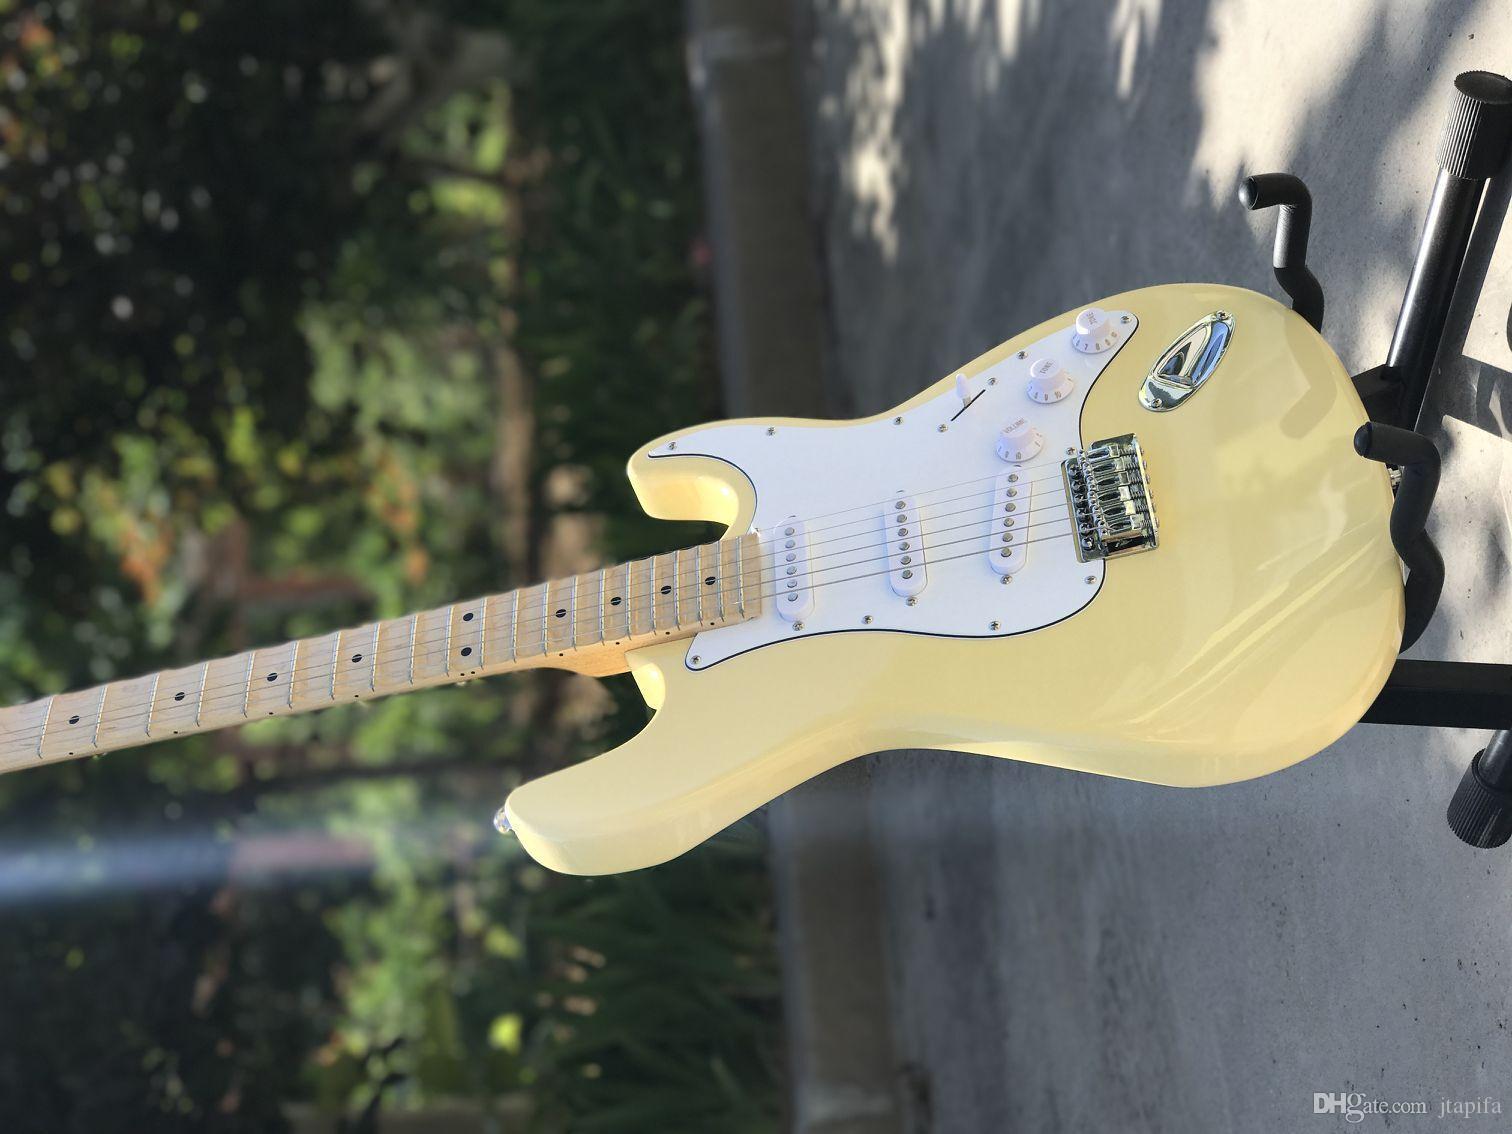 St. beżowa gitara elektryczna, wysoka jakość tonów, panel mahoniowy Palec podstrunnicowa Mahogany Deski Boczna